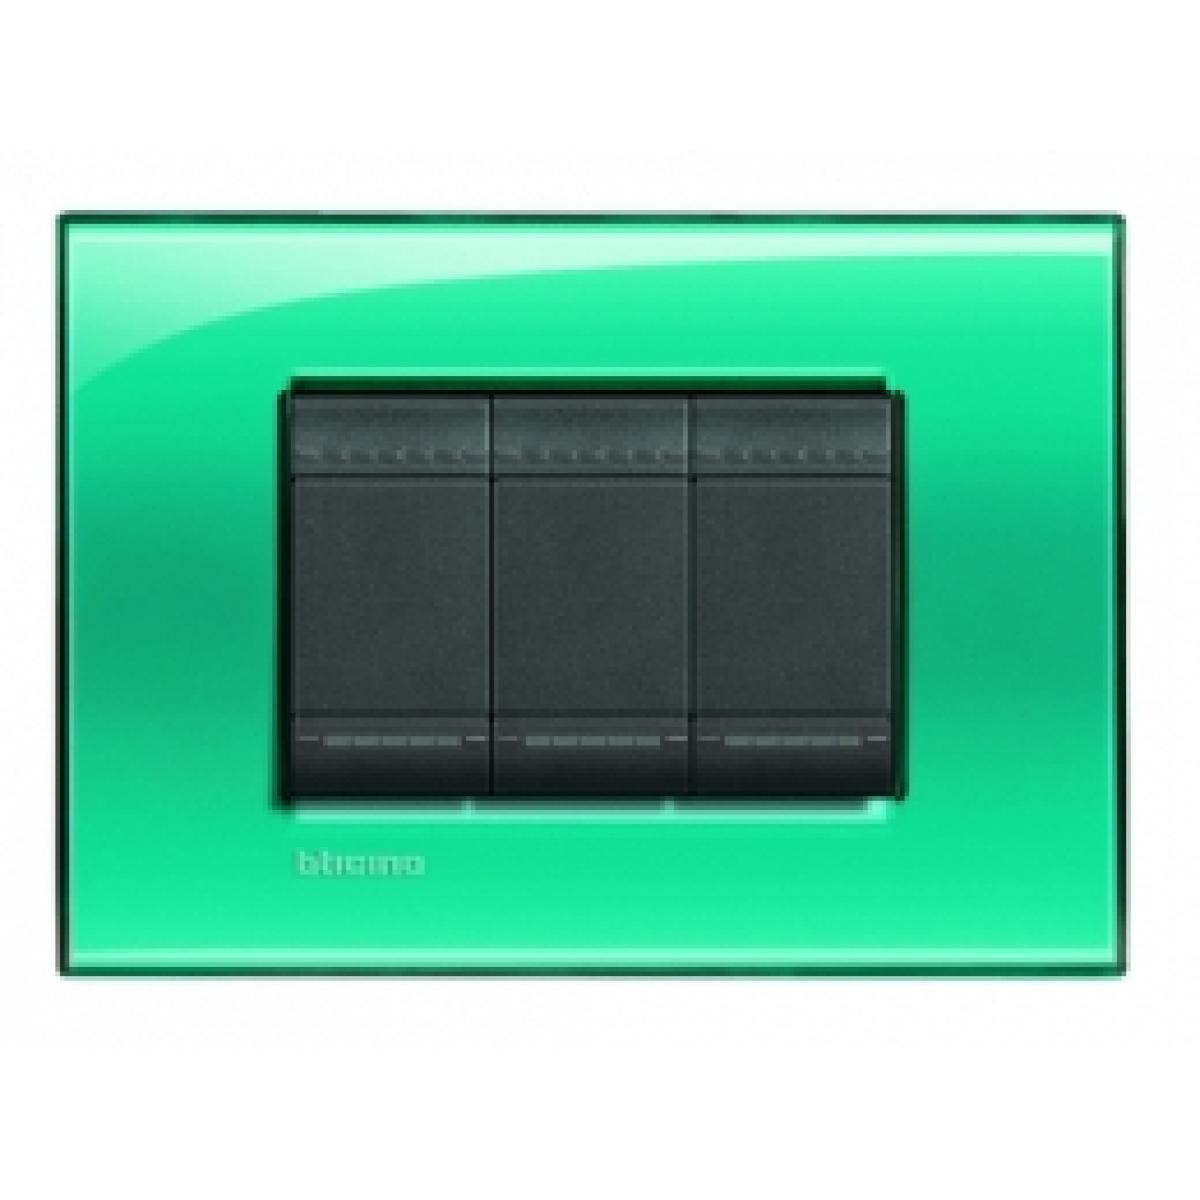 Placca 4 Moduli Verde Deep Bticino Living International LNA4804VD